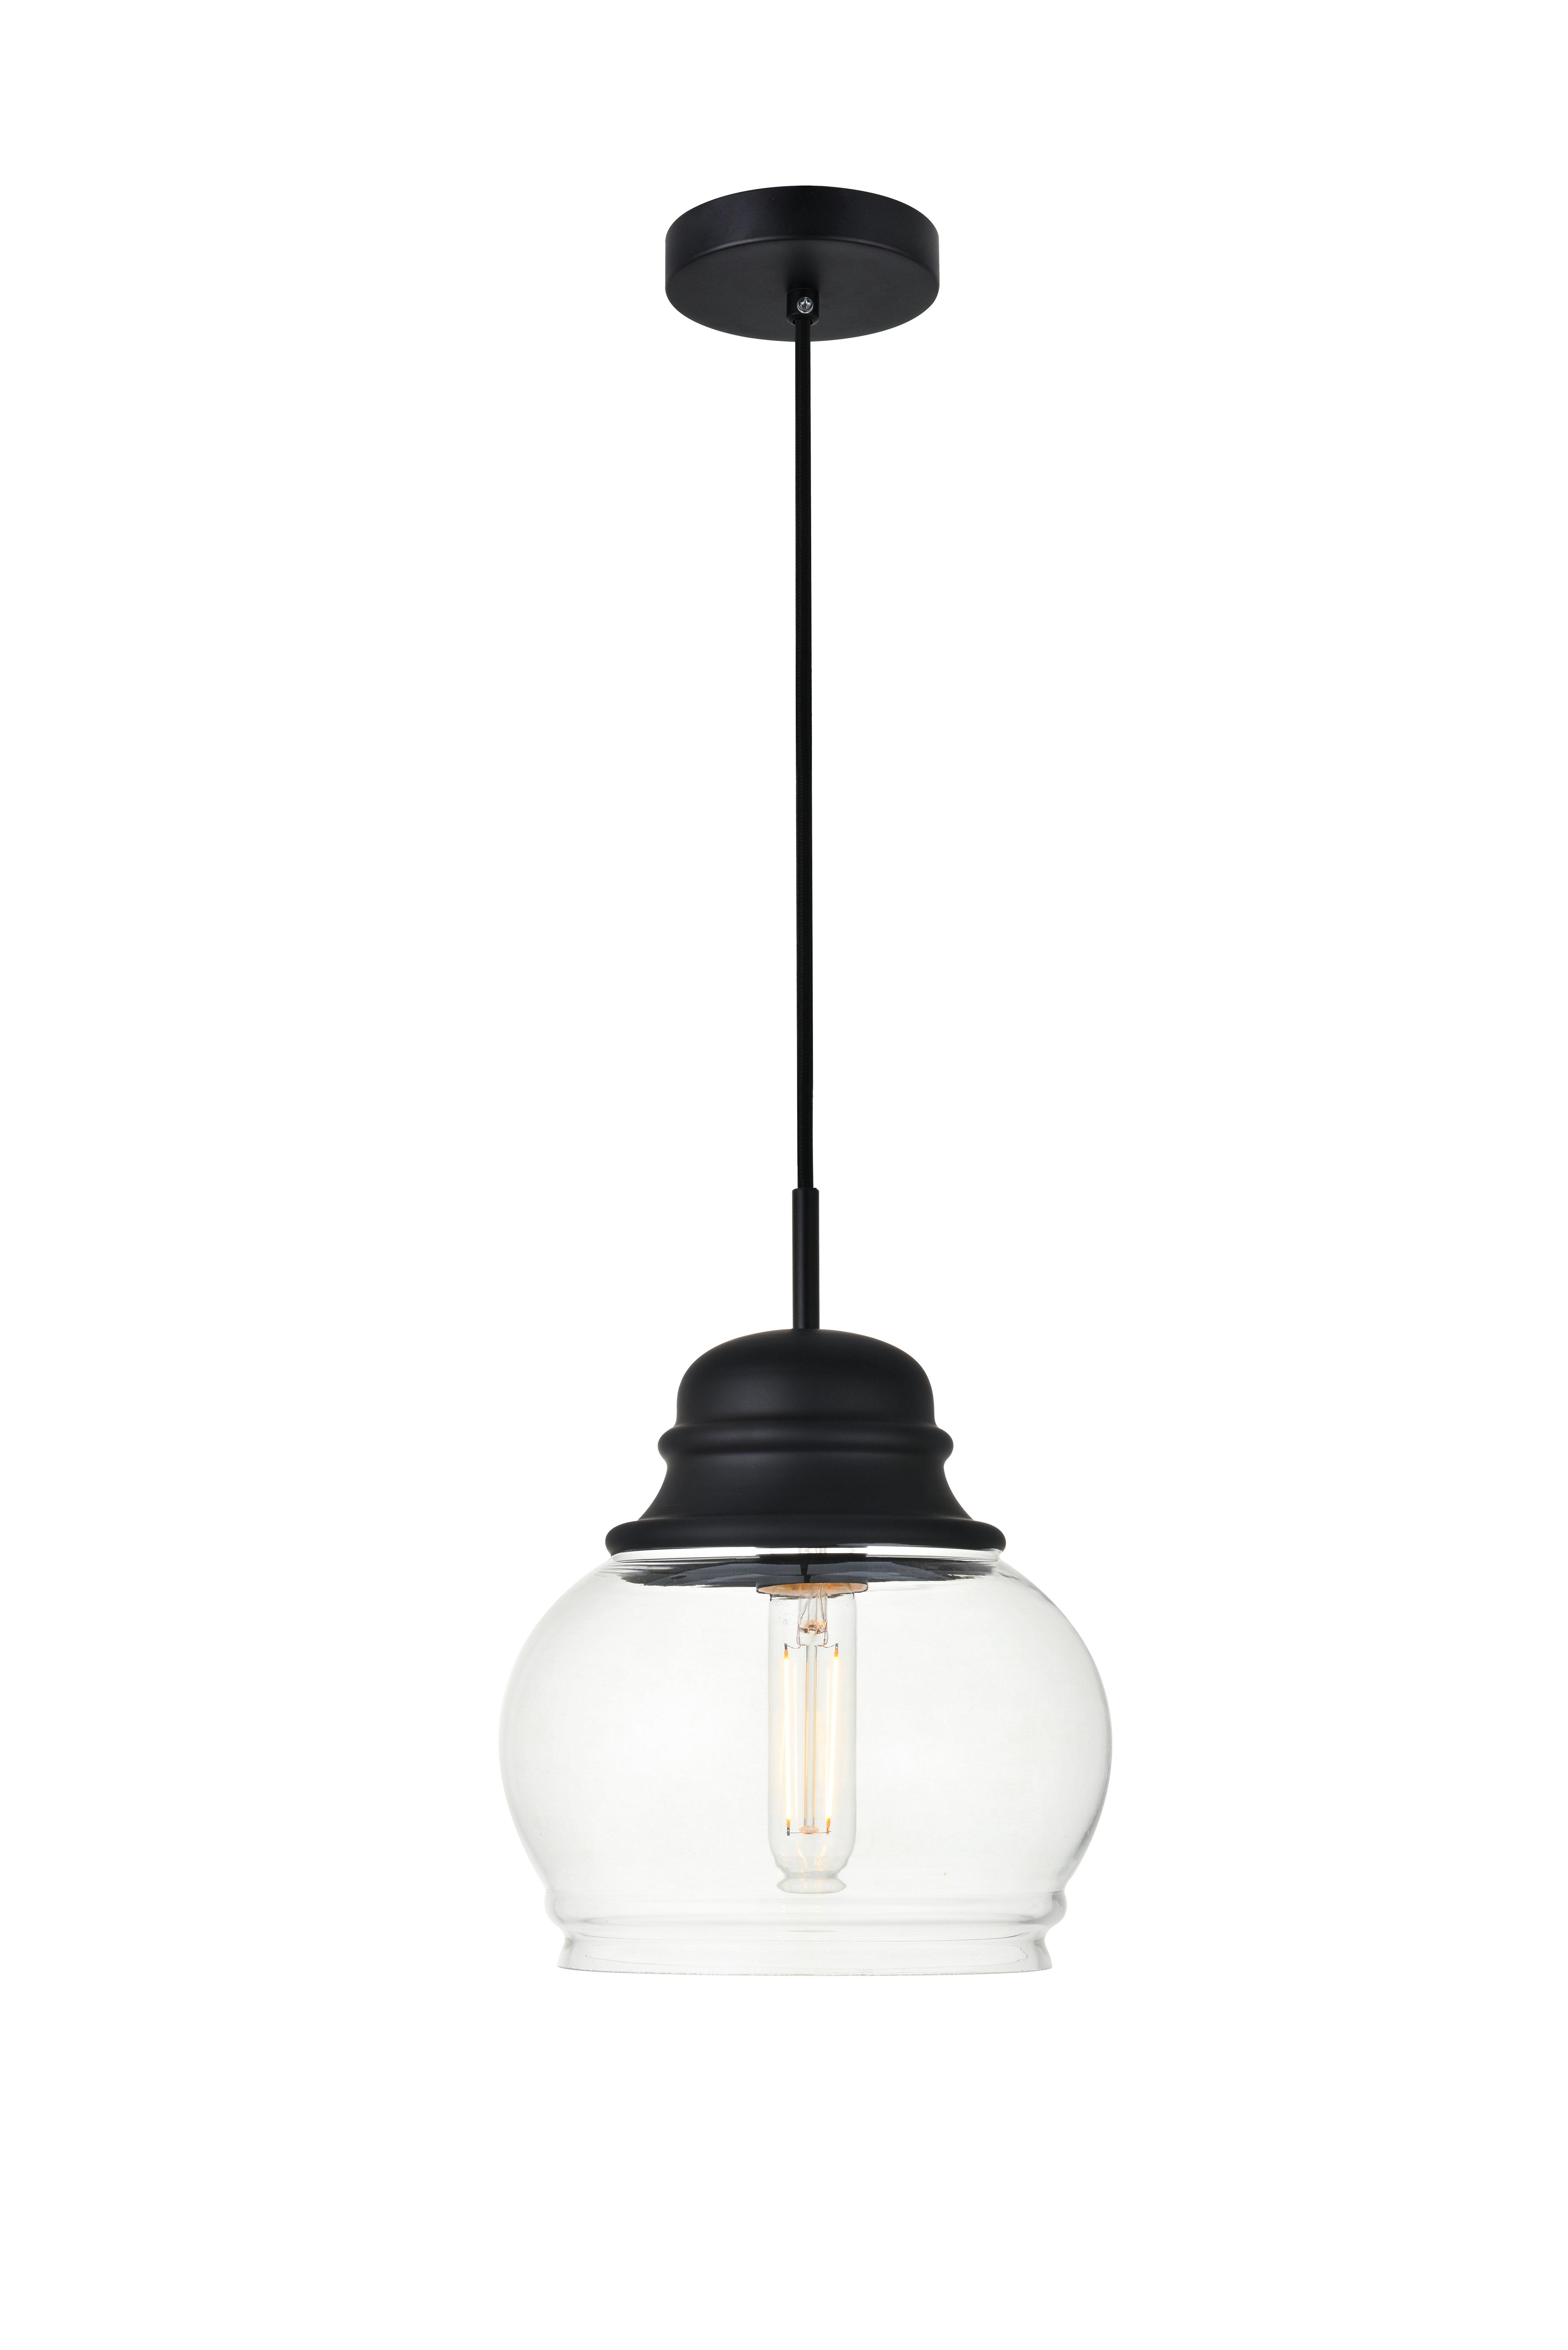 Éclairage suspendu pour enfants: Usage commercial - Non | Wayfair.ca